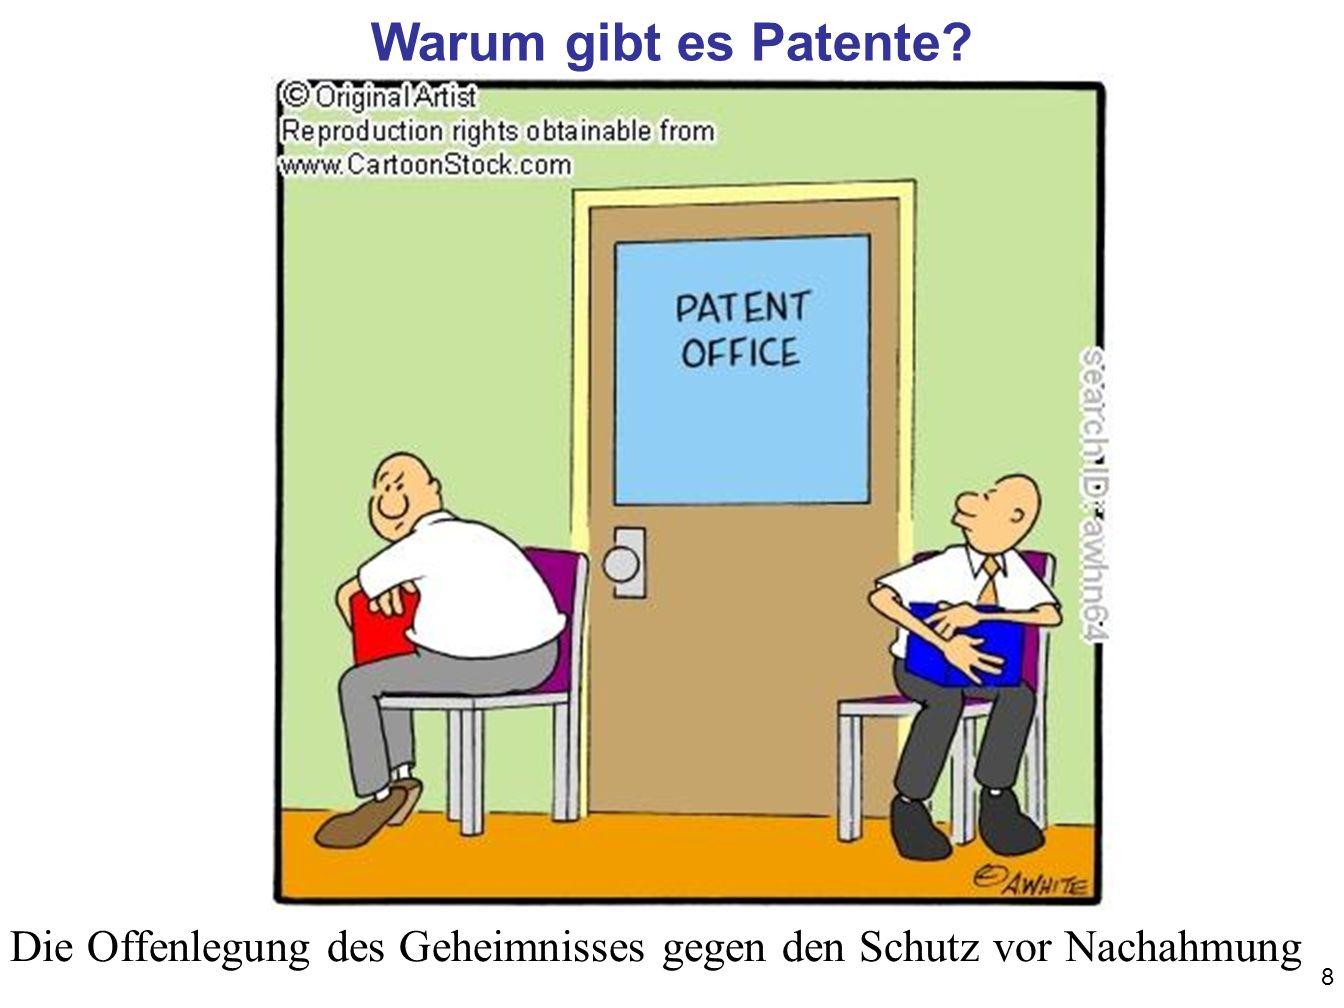 8 Warum gibt es Patente? Die Offenlegung des Geheimnisses gegen den Schutz vor Nachahmung